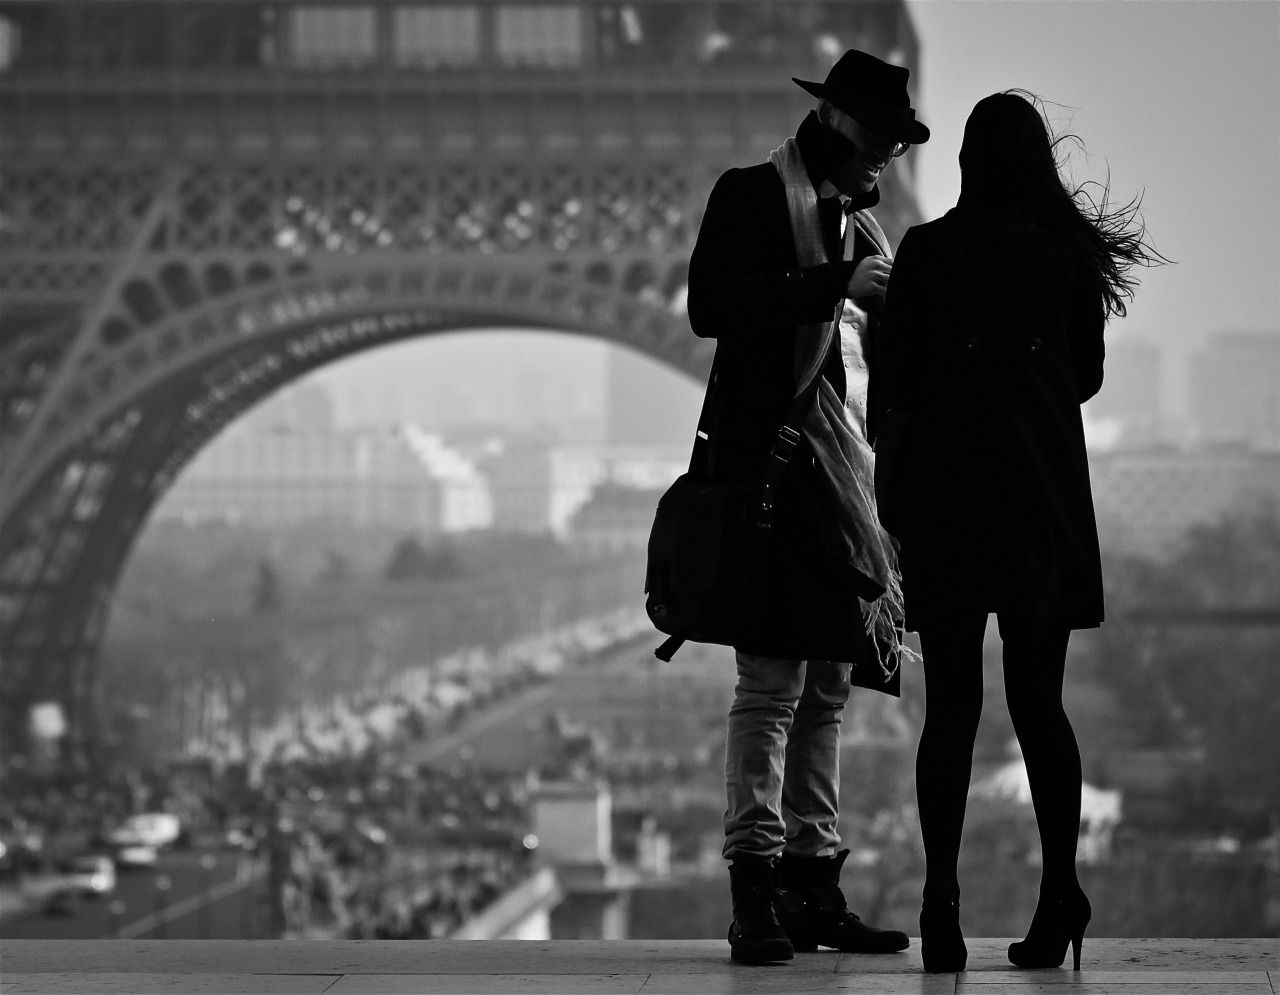 forthepleasureofmylife:Just the two of usTrocadéro ParisPhoto: Dieter Krehbiel